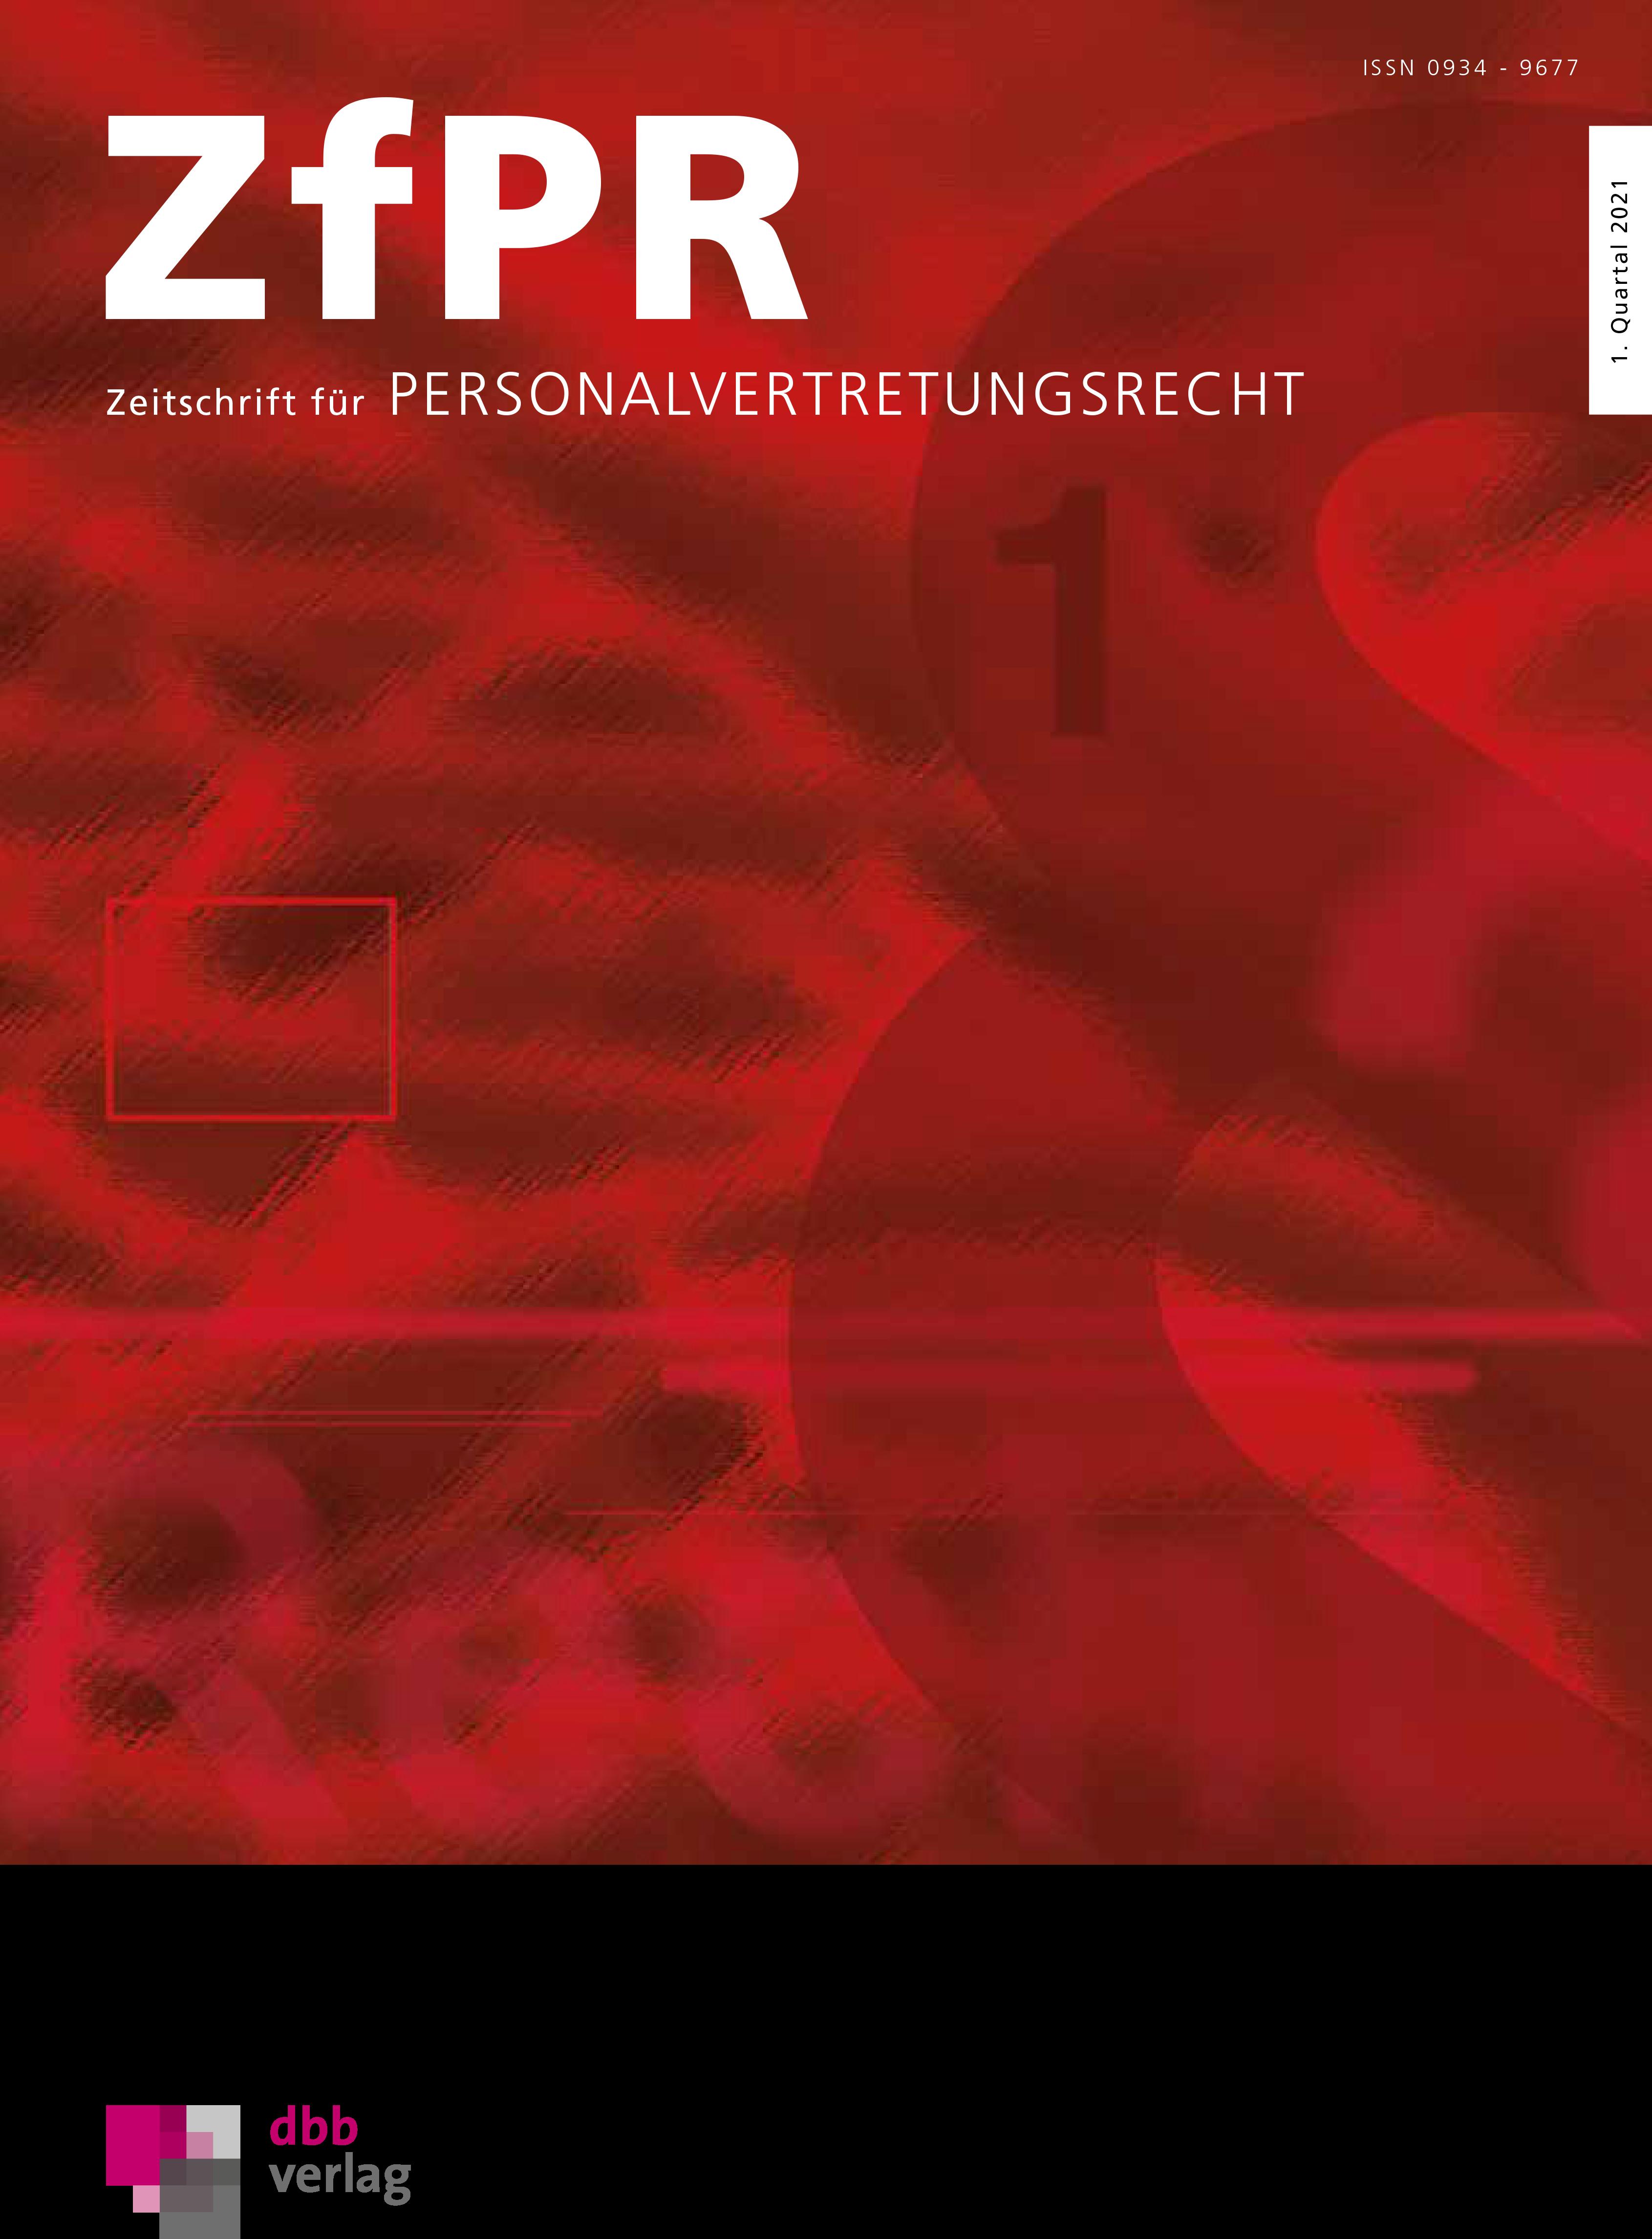 ZfPR Zeitschrift für Personalvertretungsrecht © DBB Verlag GmbH